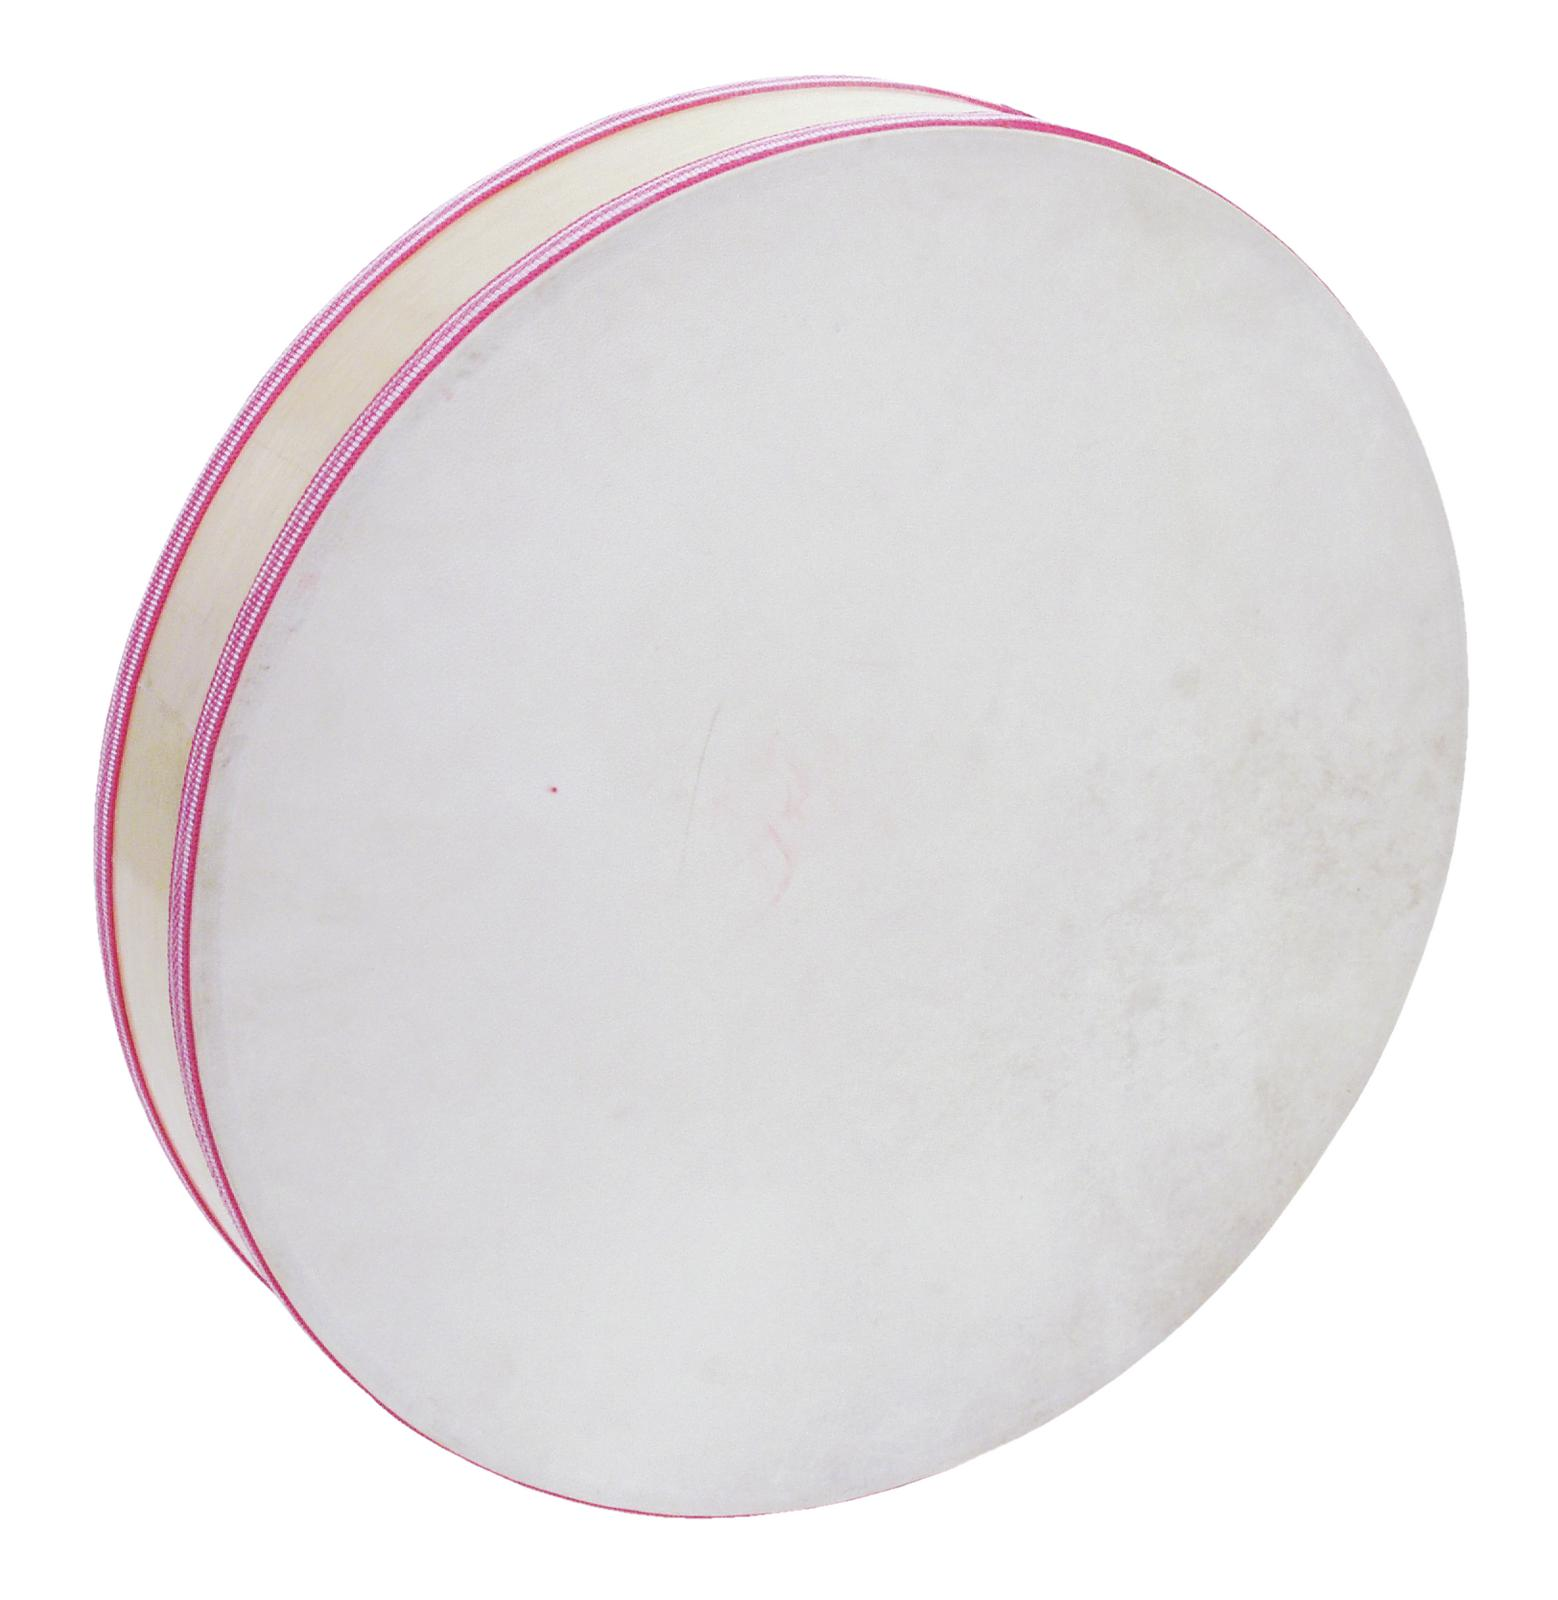 Ocean Drum, grande, riempito con sfere di metallo, rosa, DIMAVERY